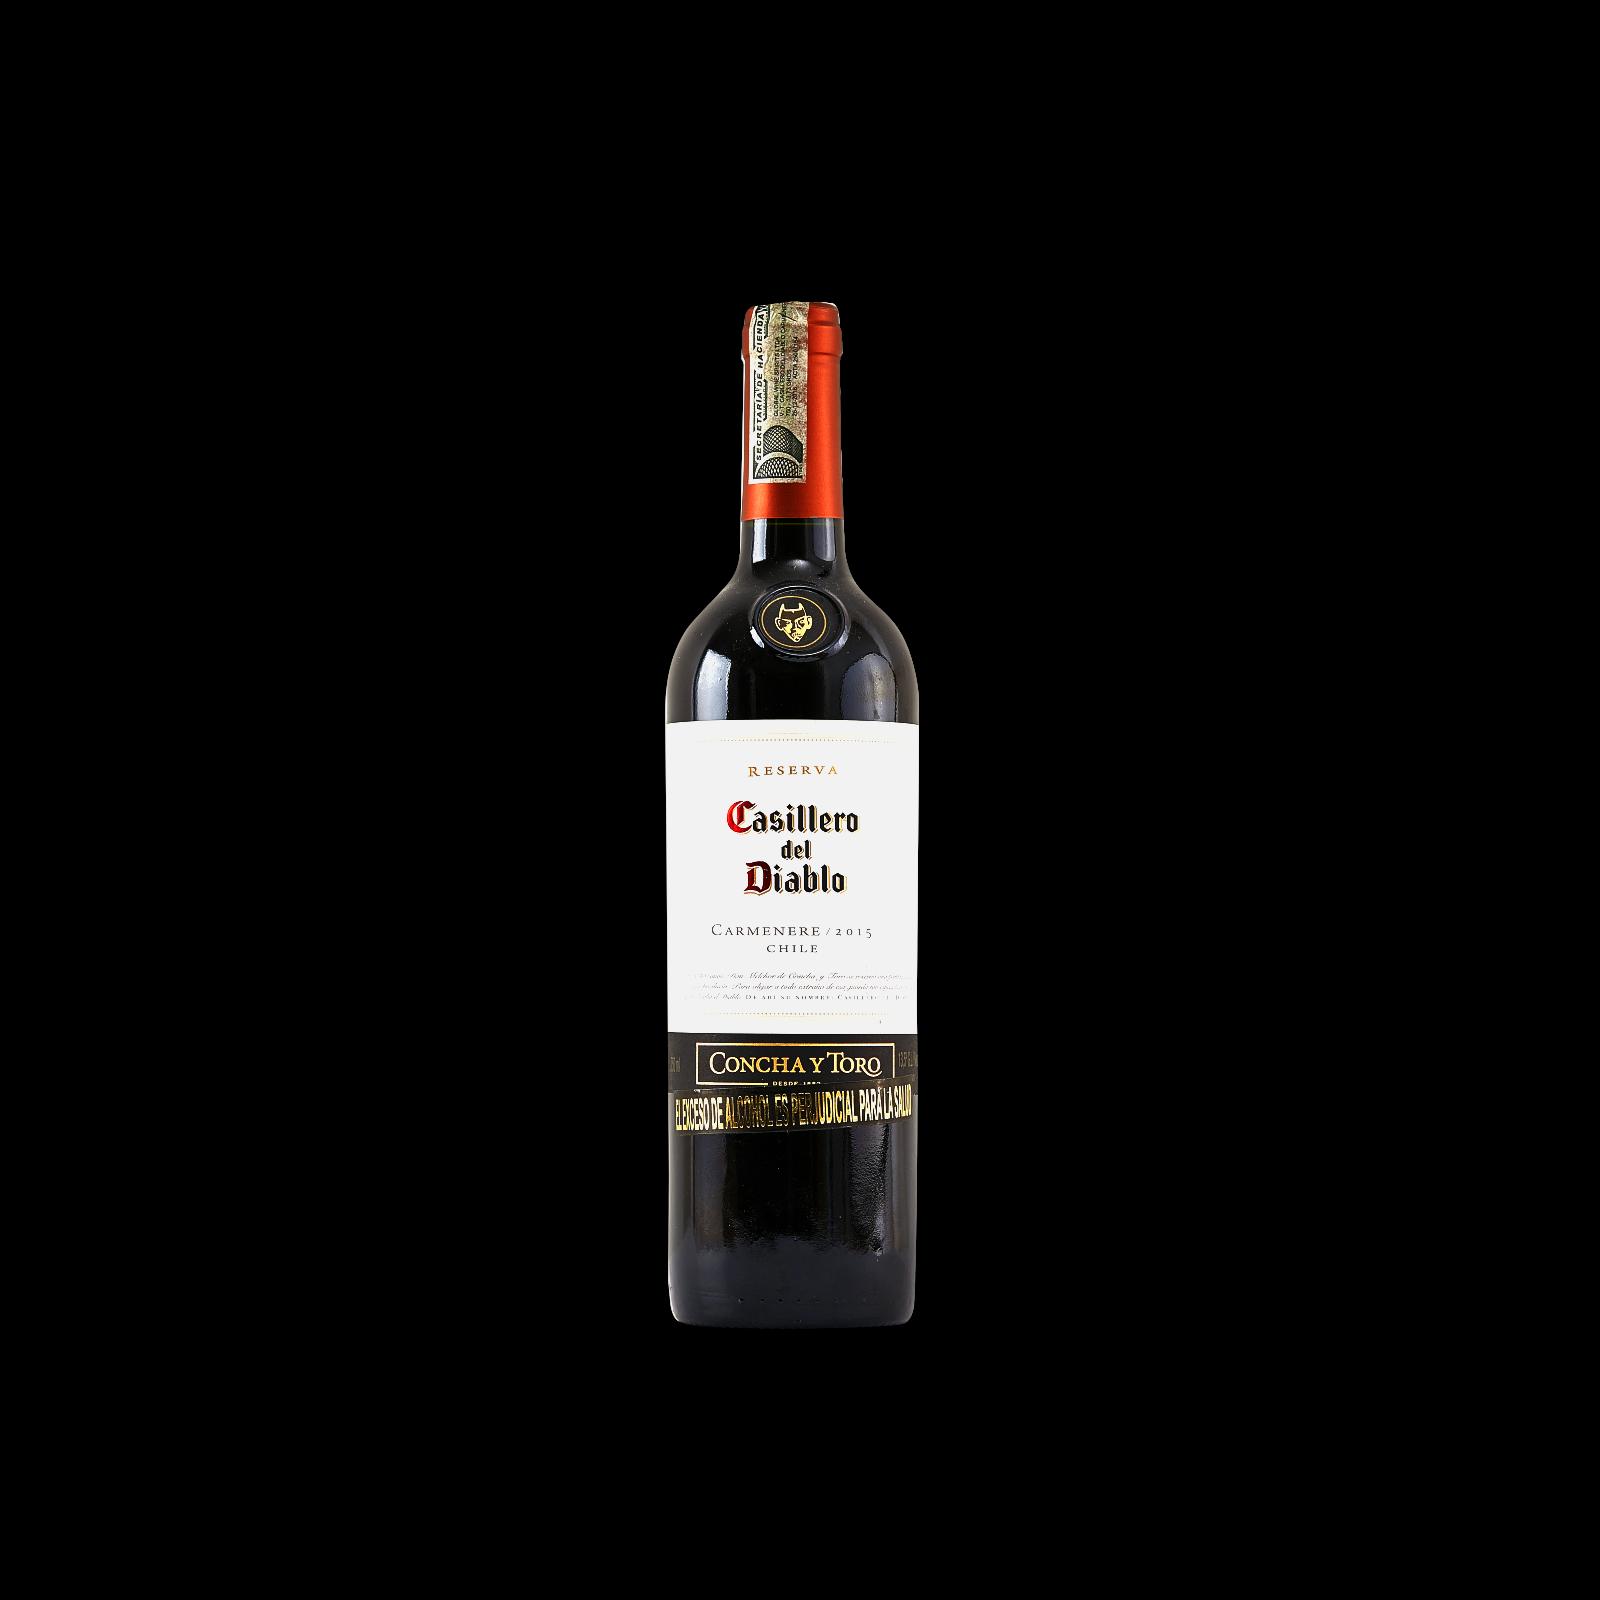 Vino Casillero Del Diablo Carmenere 2015 - Chile